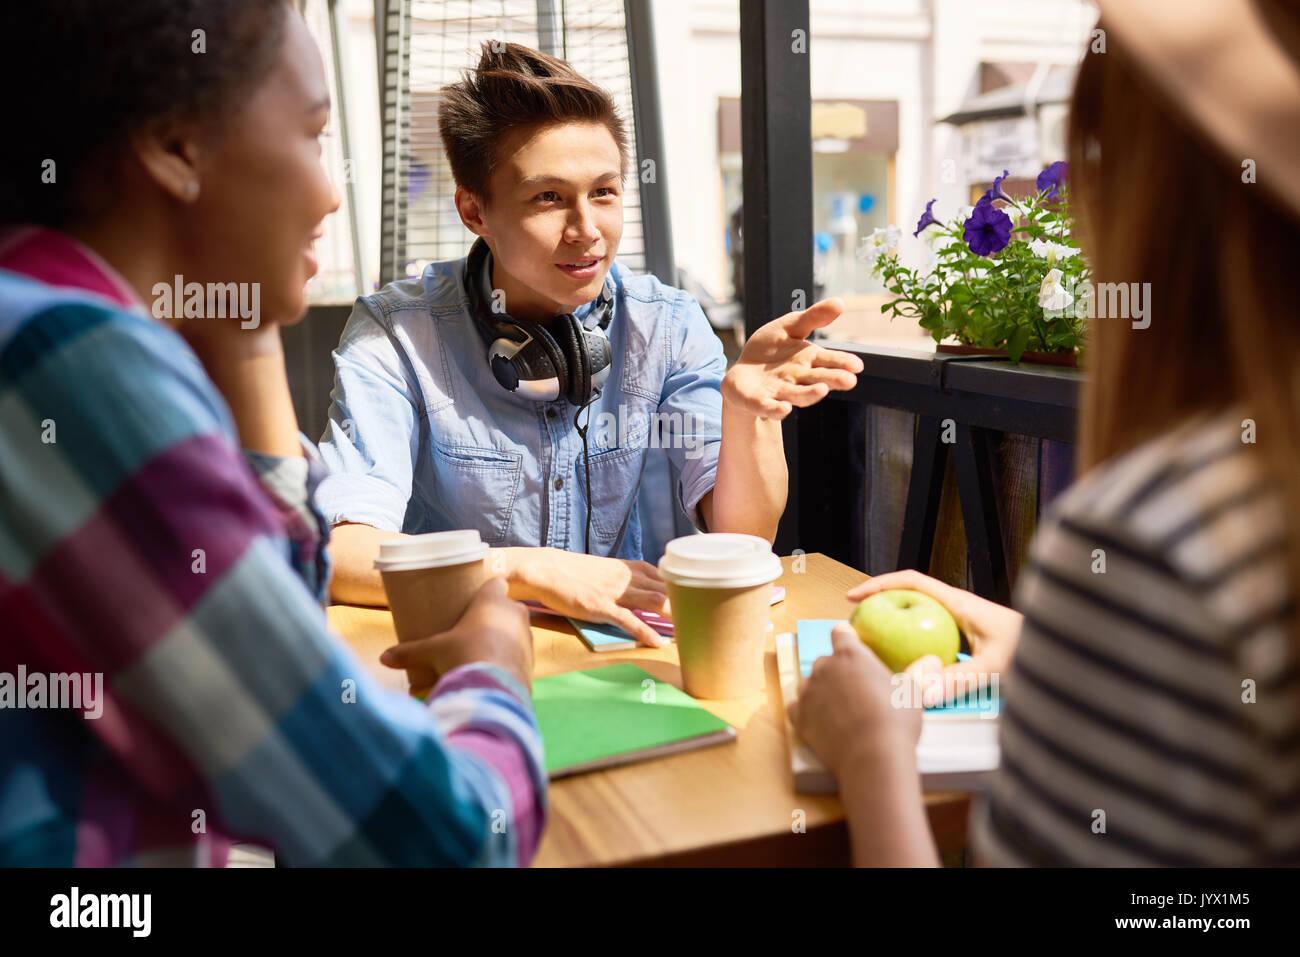 Hablar con amigos estudiantes asiáticos en Cafe Imagen De Stock